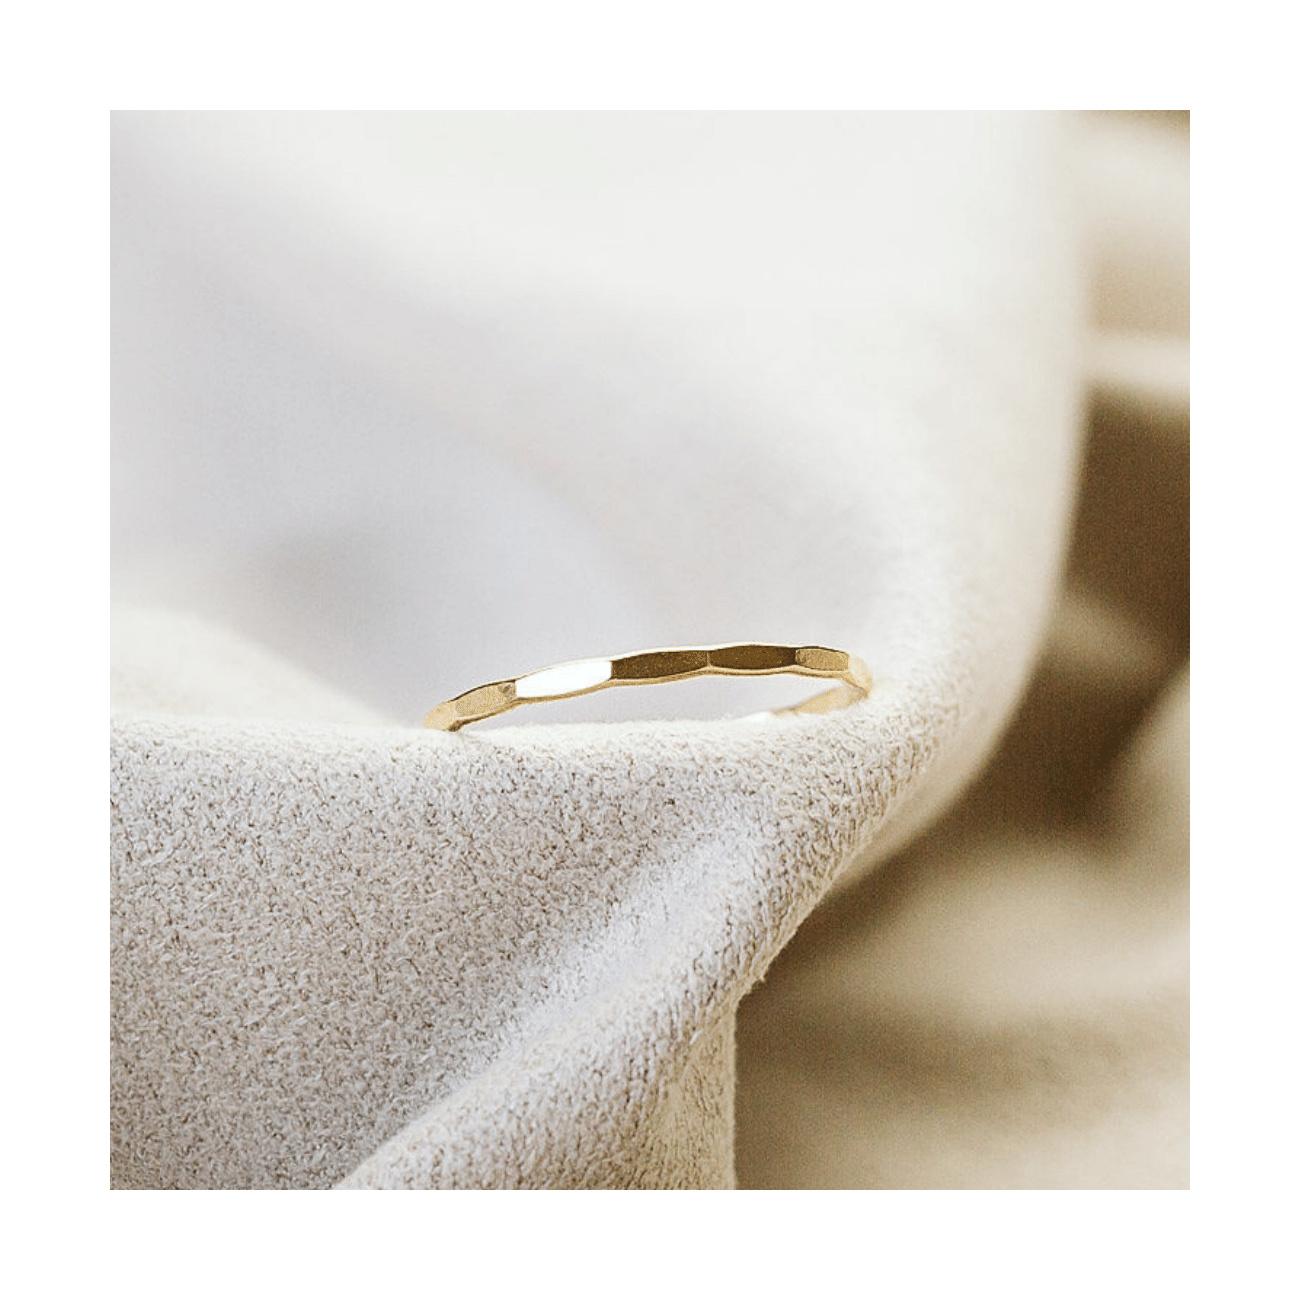 Opracovaný prstýnek Gold